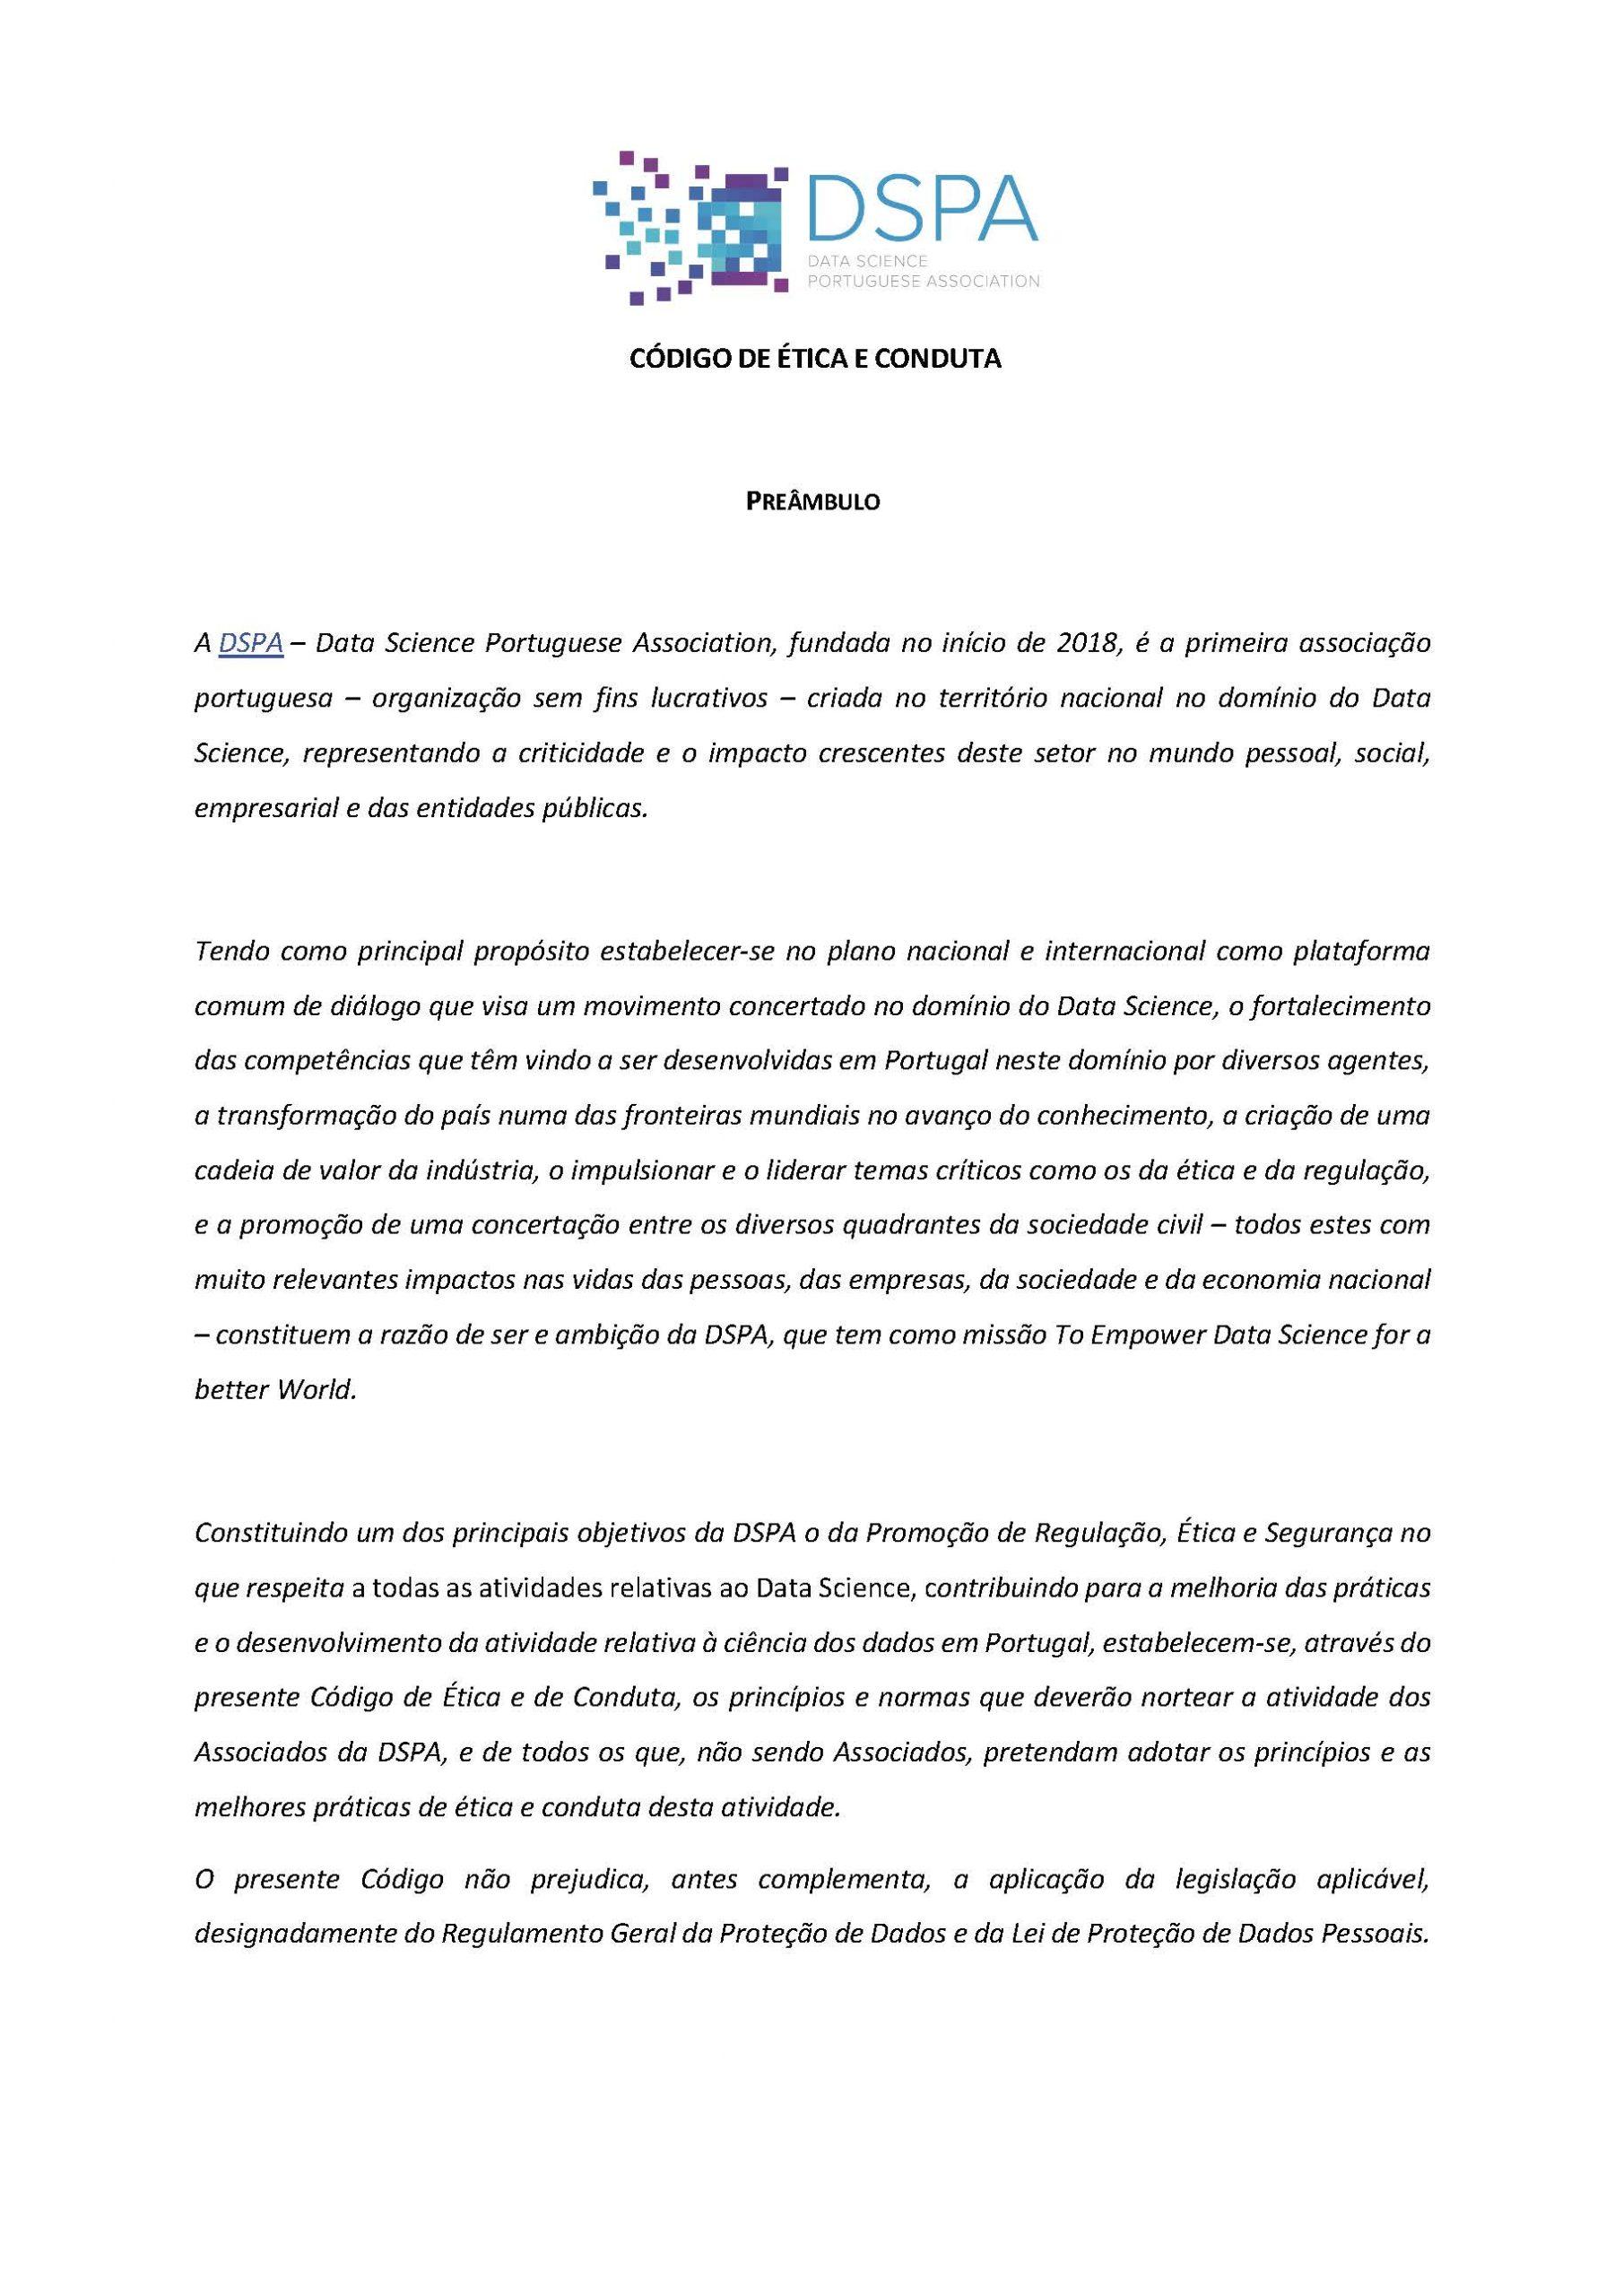 Código de Ética e Conduta da DSPA